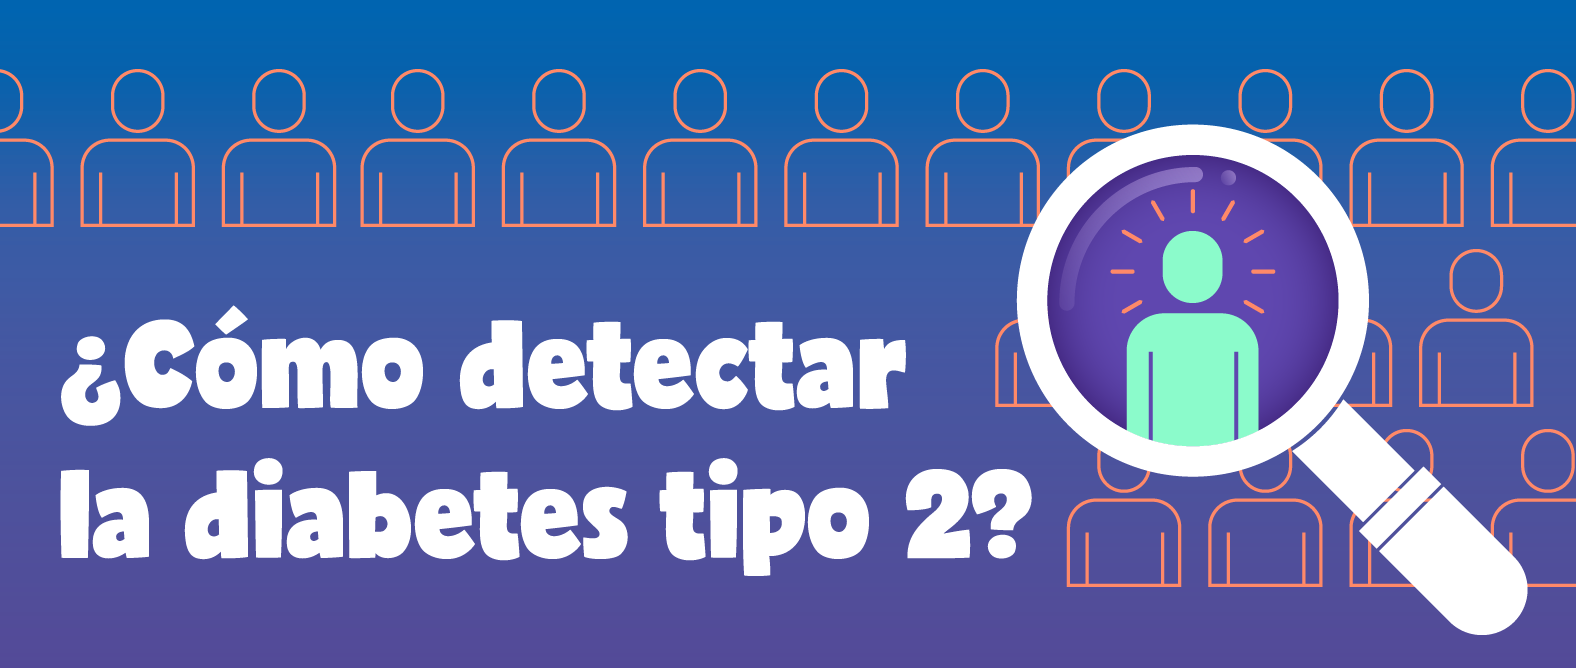 ¿Cómo detectar la diabetes tipo 2? Recomendaciones de las organizaciones Internacionales.